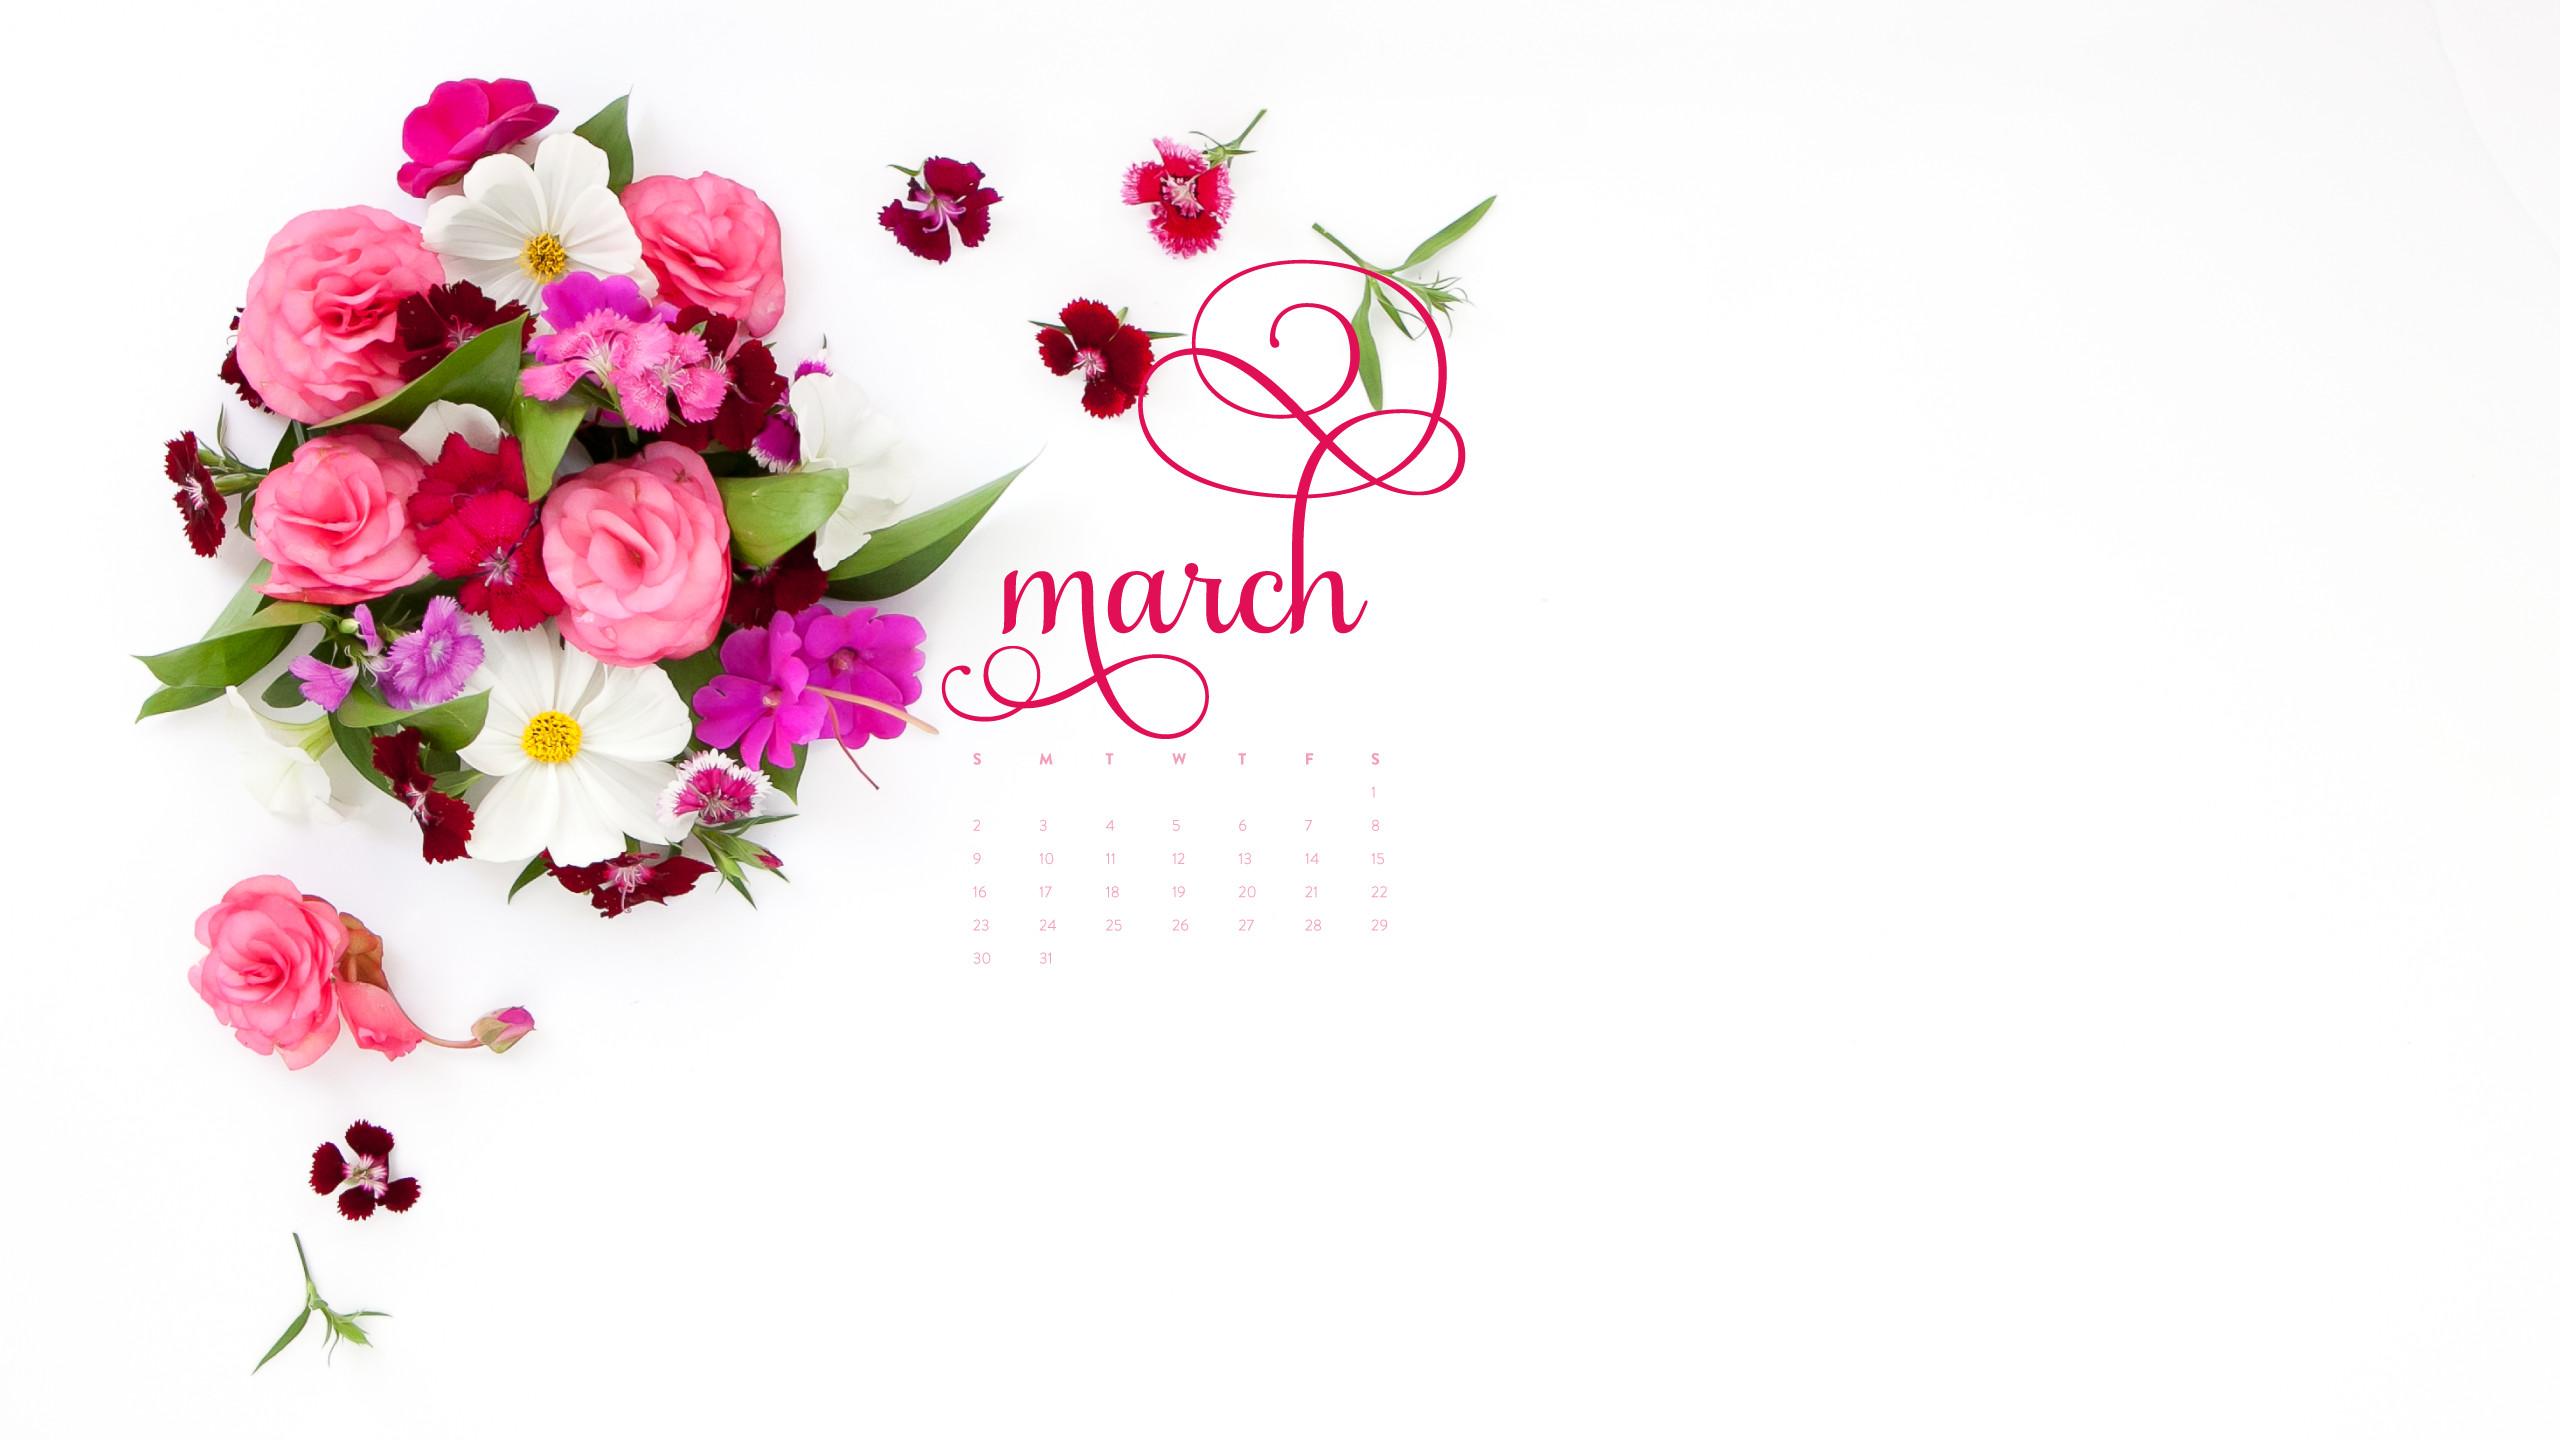 Res: 2560x1440, Desktop Calendar: March 2014 | AshleeProffitt